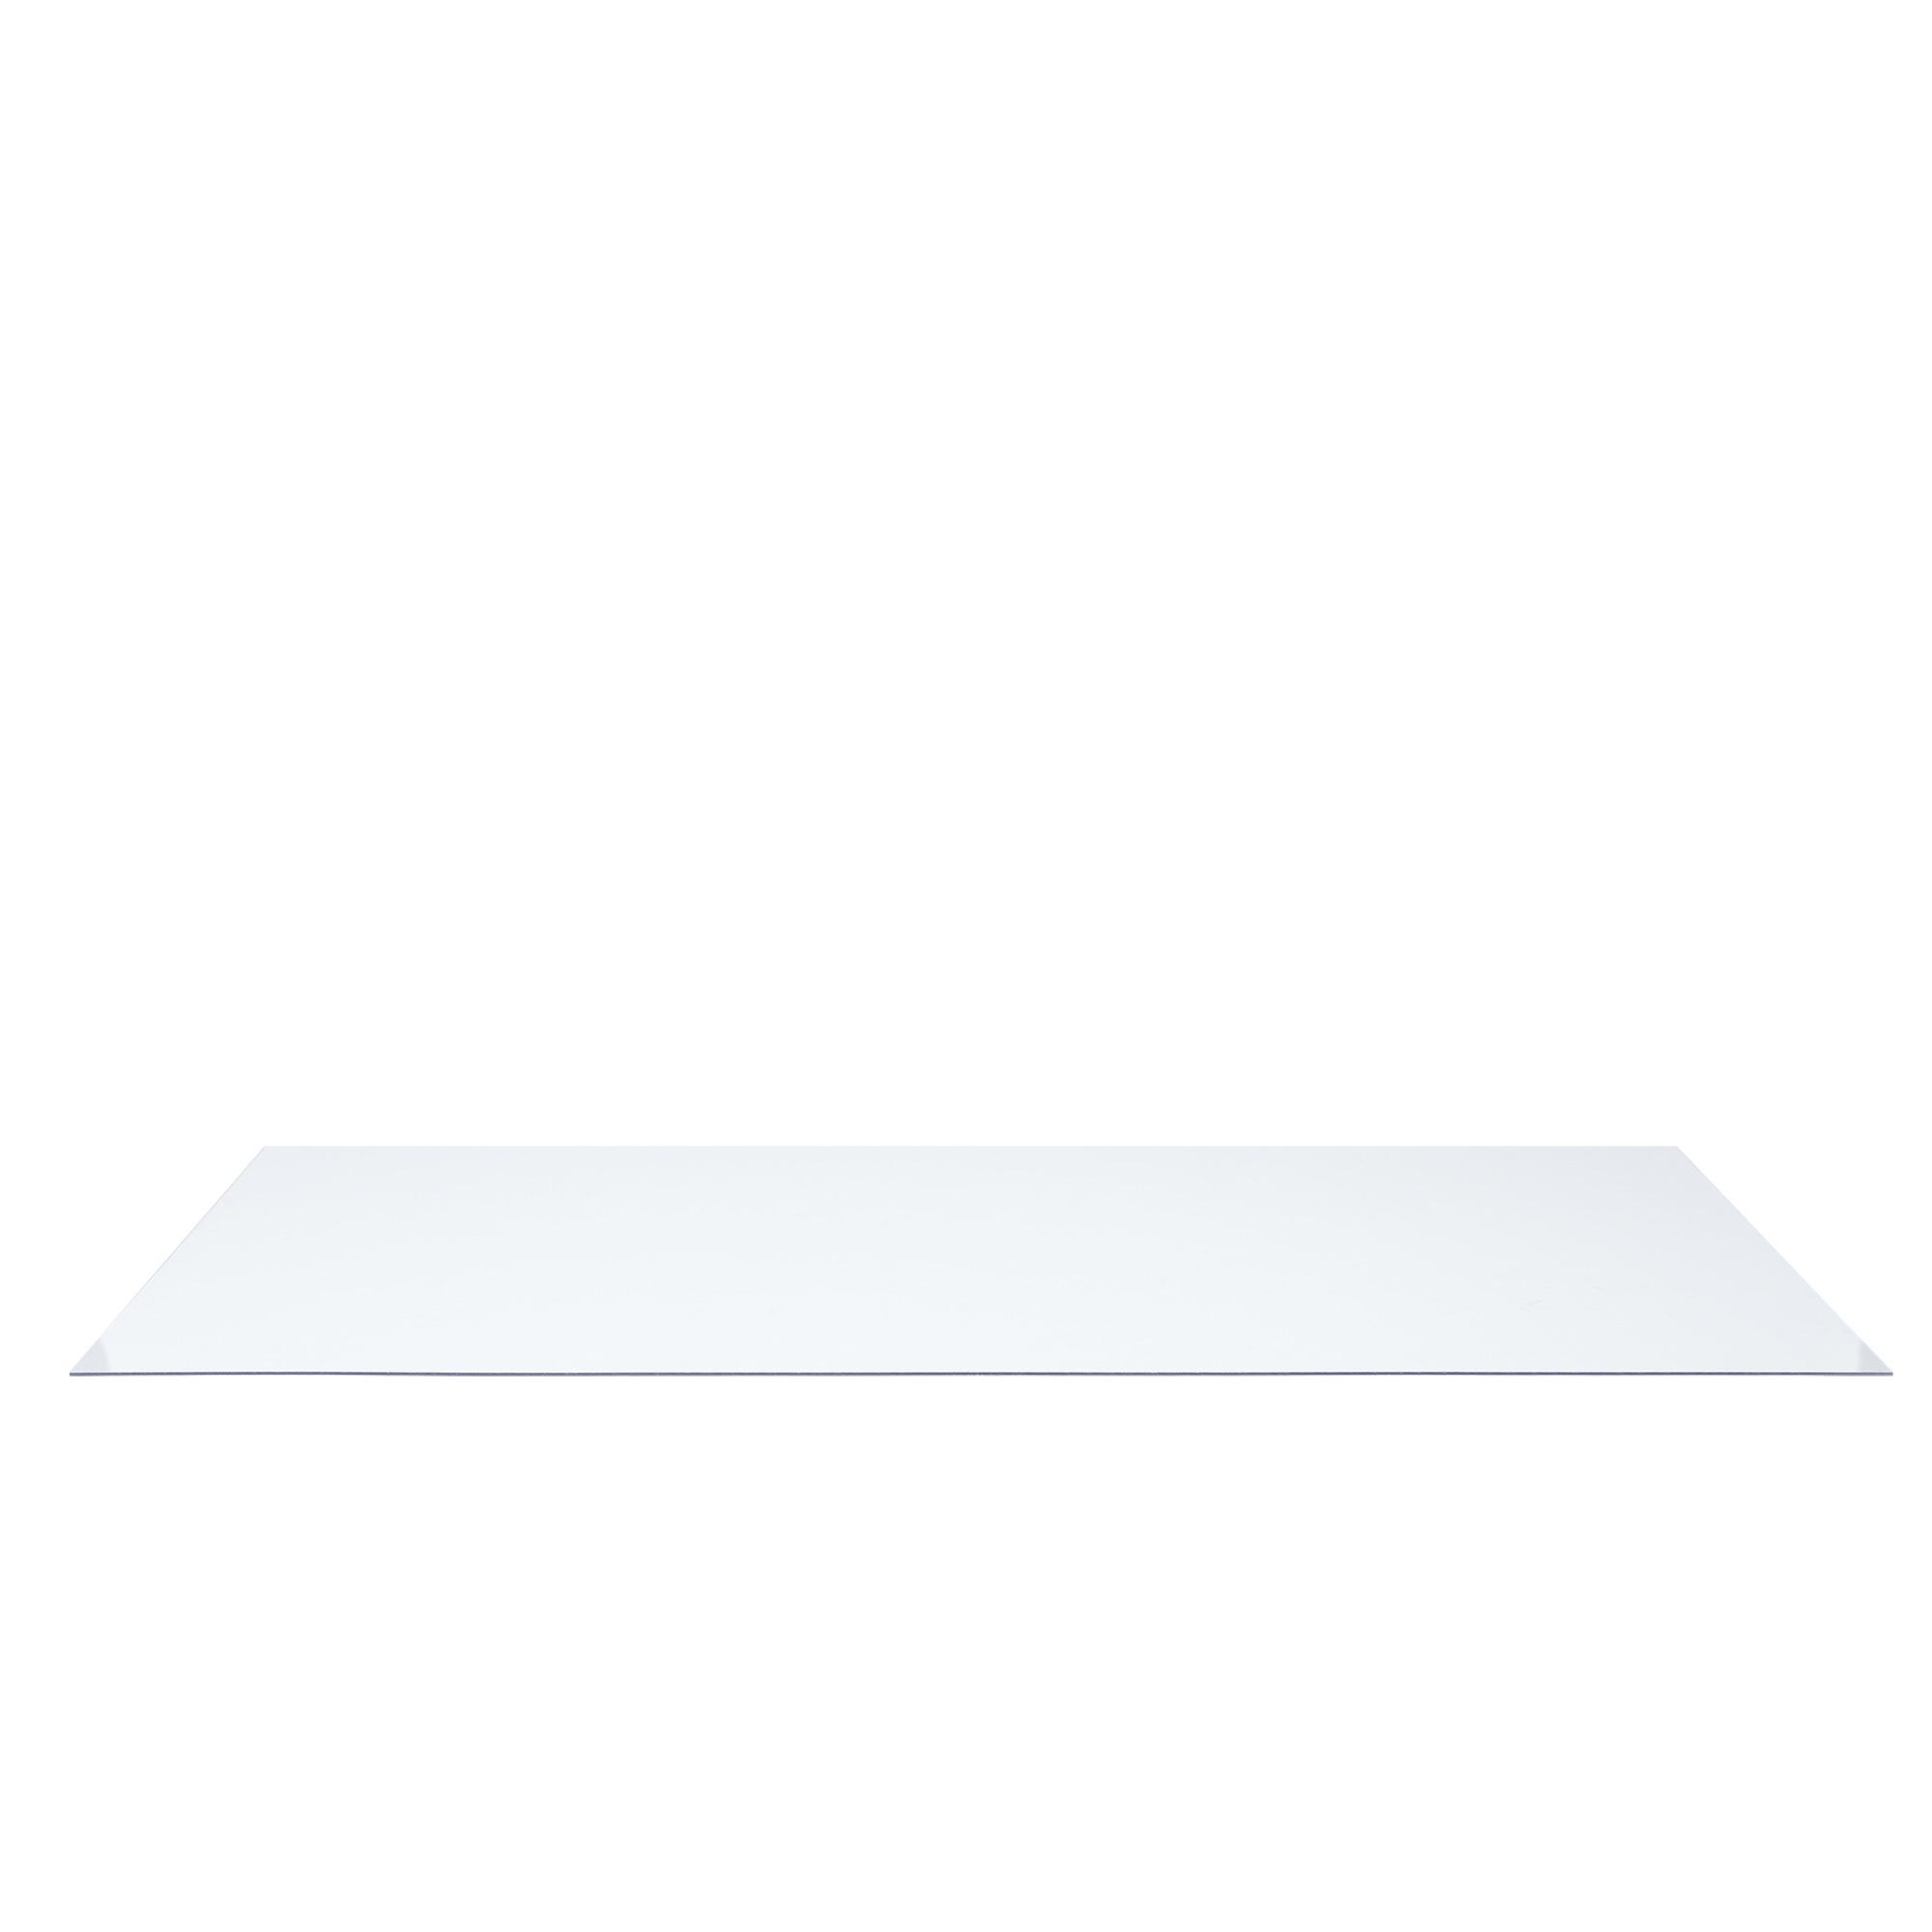 panneau en polystyr ne 4 mm 1x1 m translucide panneaux. Black Bedroom Furniture Sets. Home Design Ideas